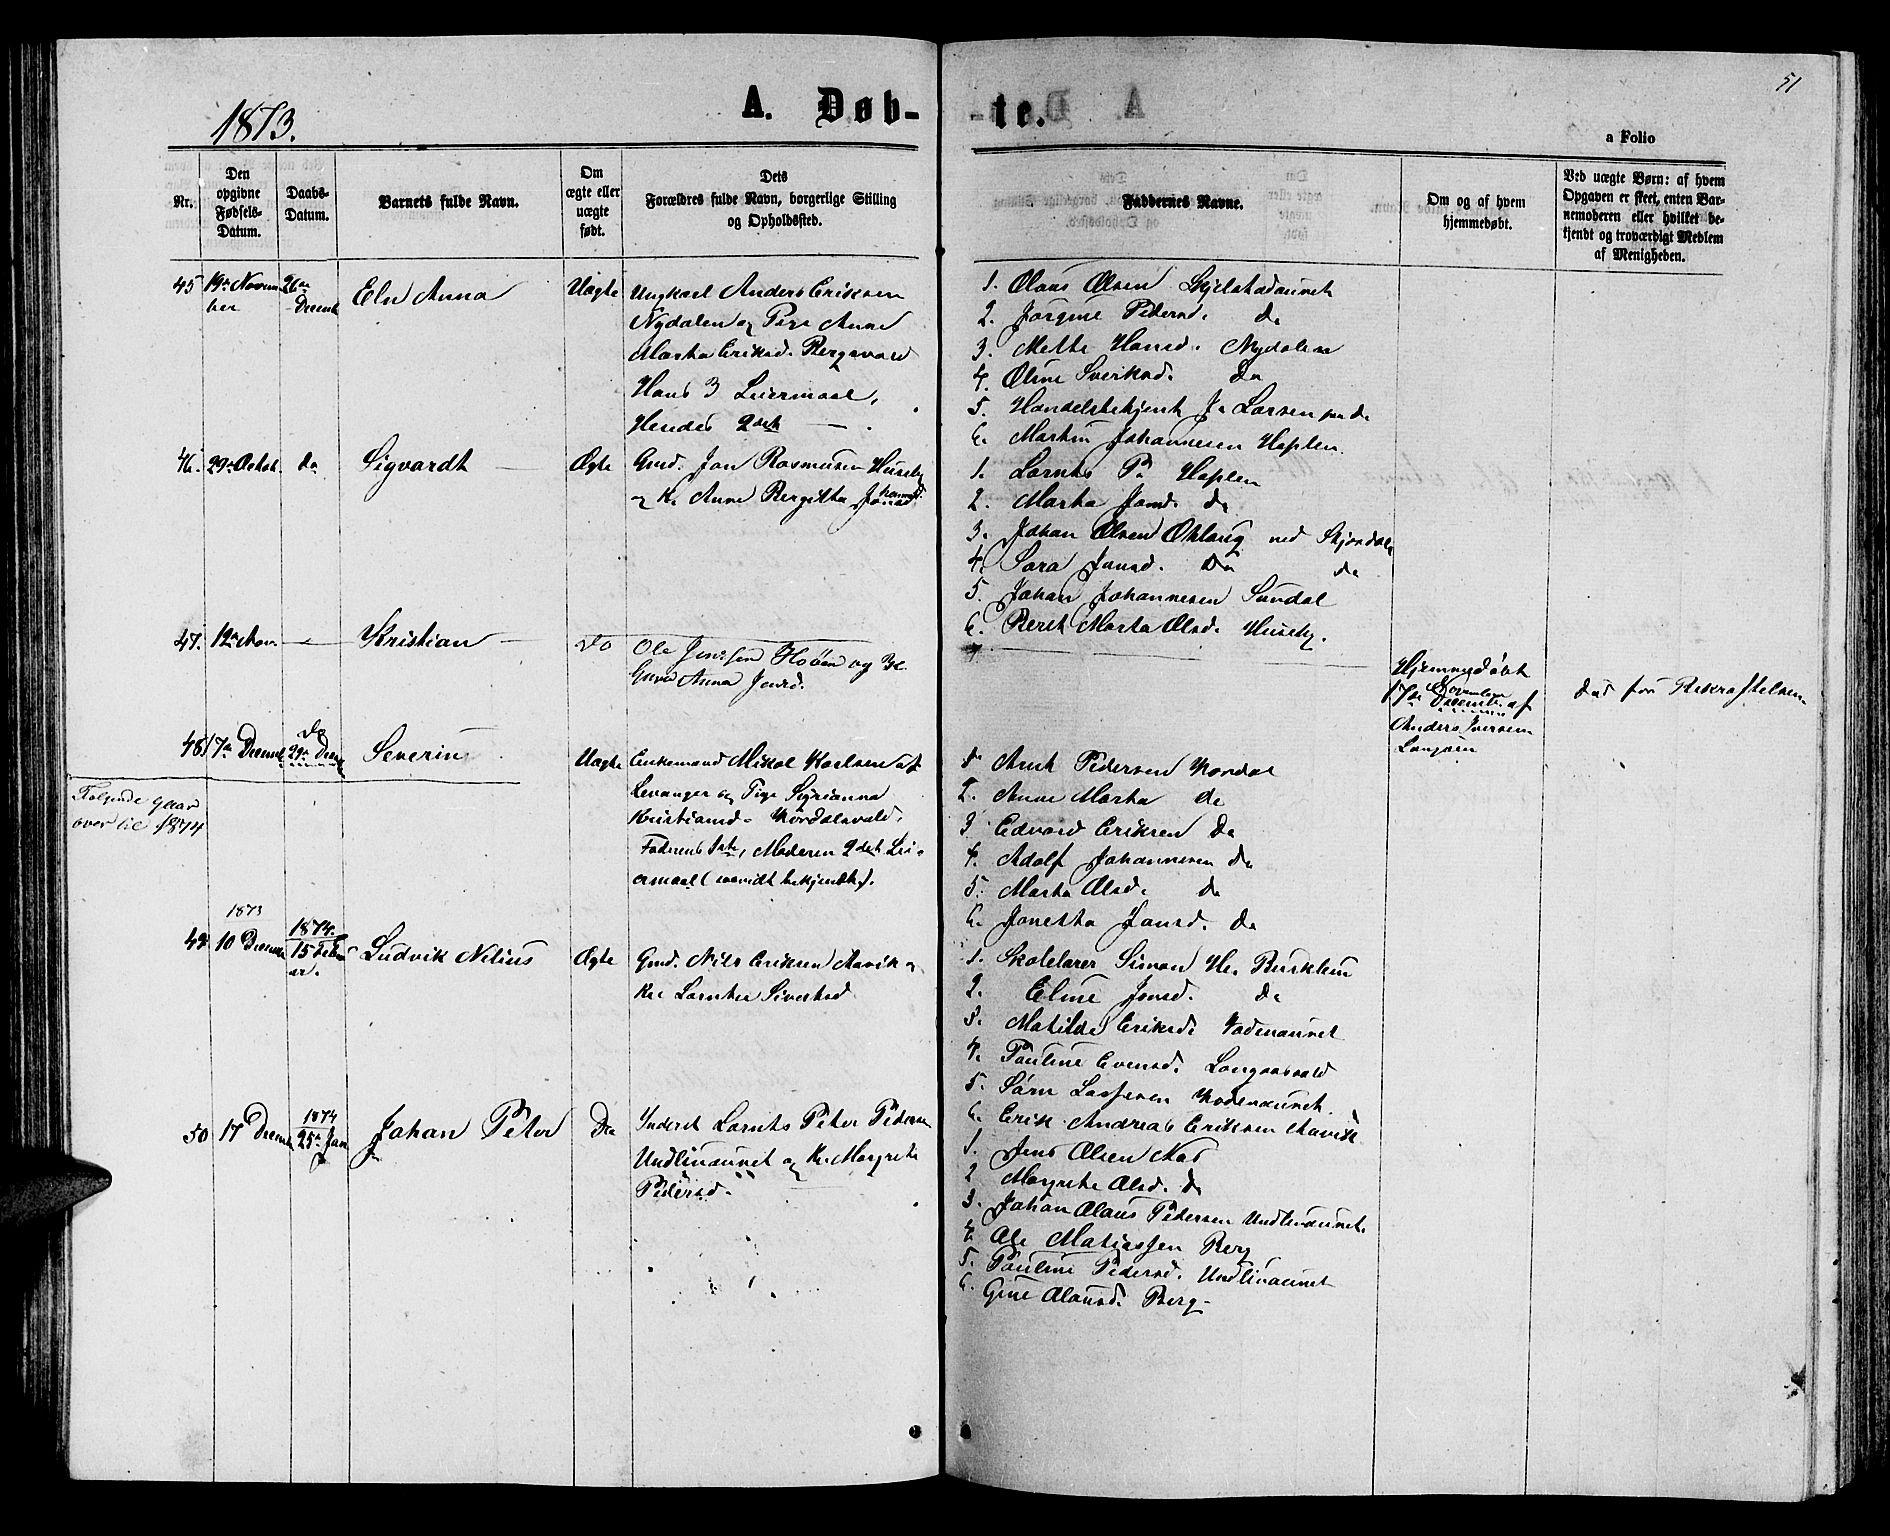 SAT, Ministerialprotokoller, klokkerbøker og fødselsregistre - Nord-Trøndelag, 714/L0133: Klokkerbok nr. 714C02, 1865-1877, s. 51